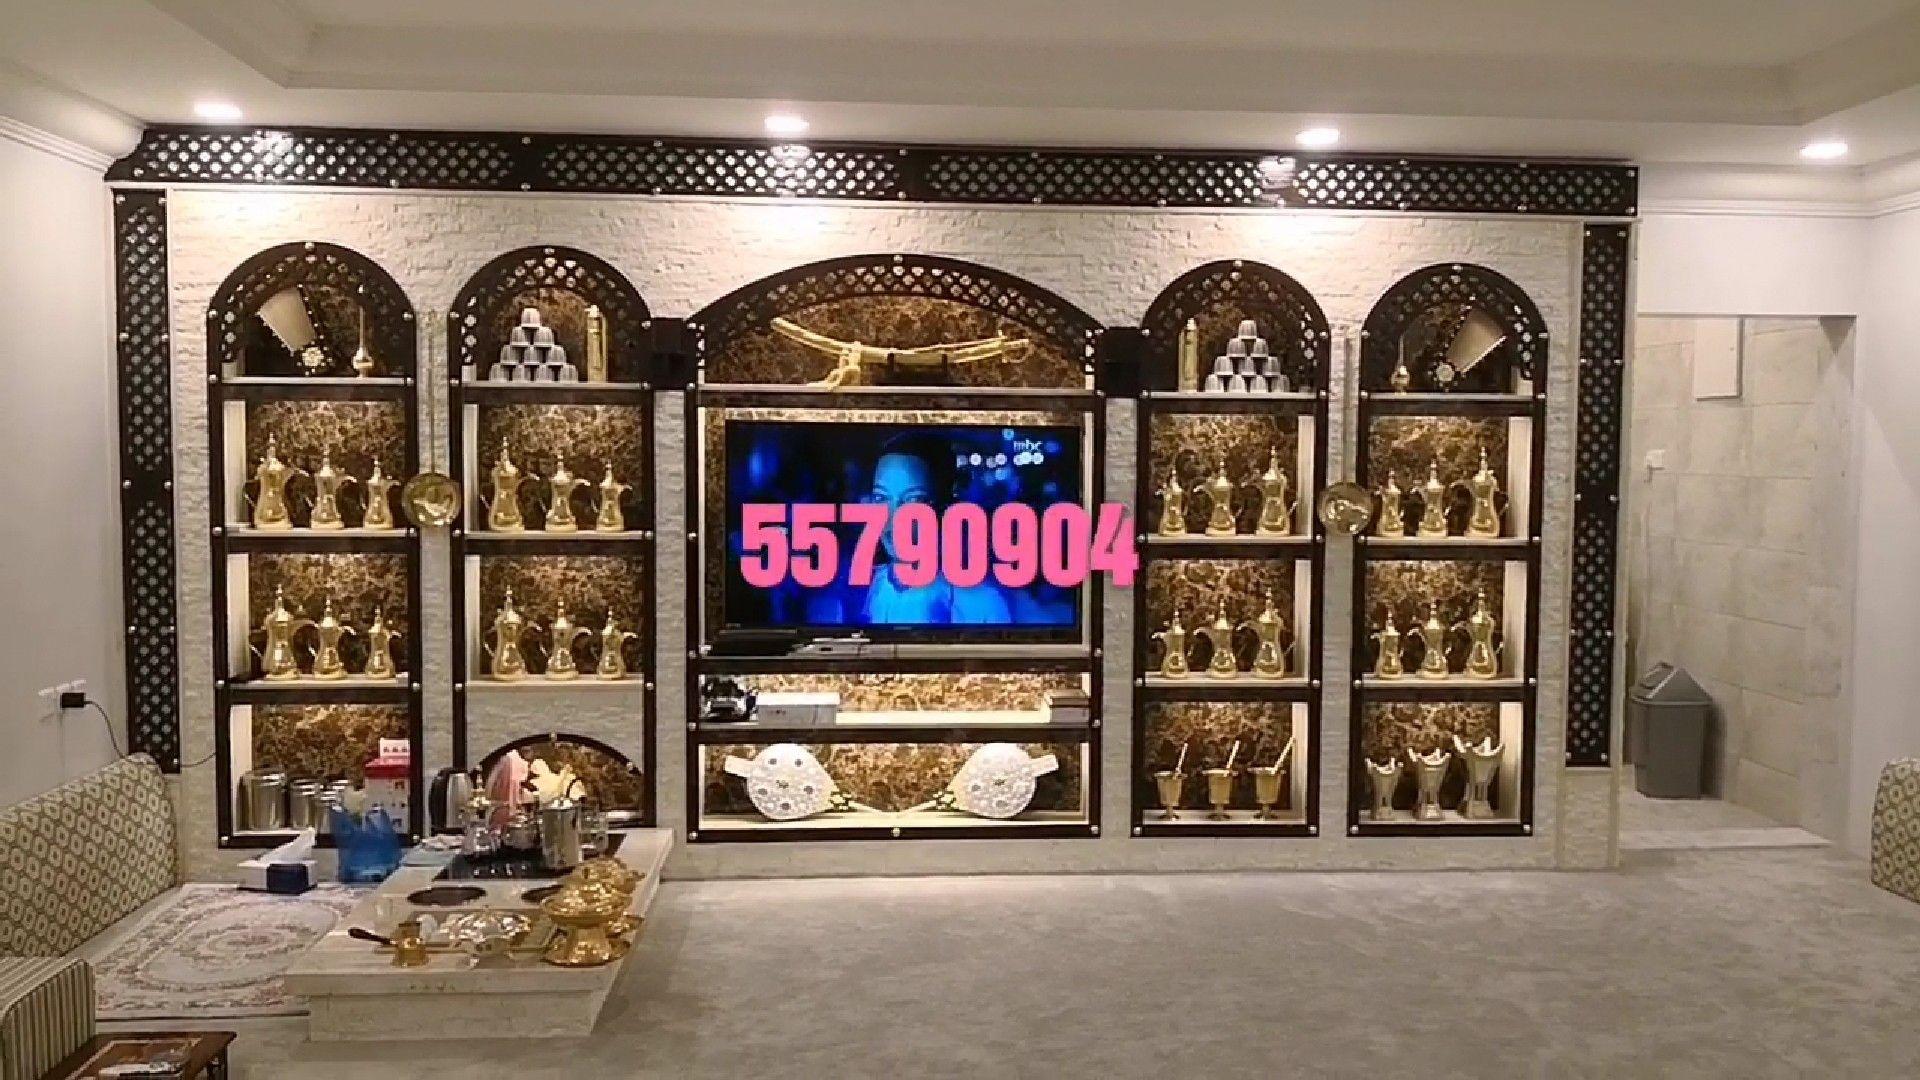 تفصيل وجار رخام ومغاسل رخام بالكويت 55790904 Decor Home Decor Liquor Cabinet